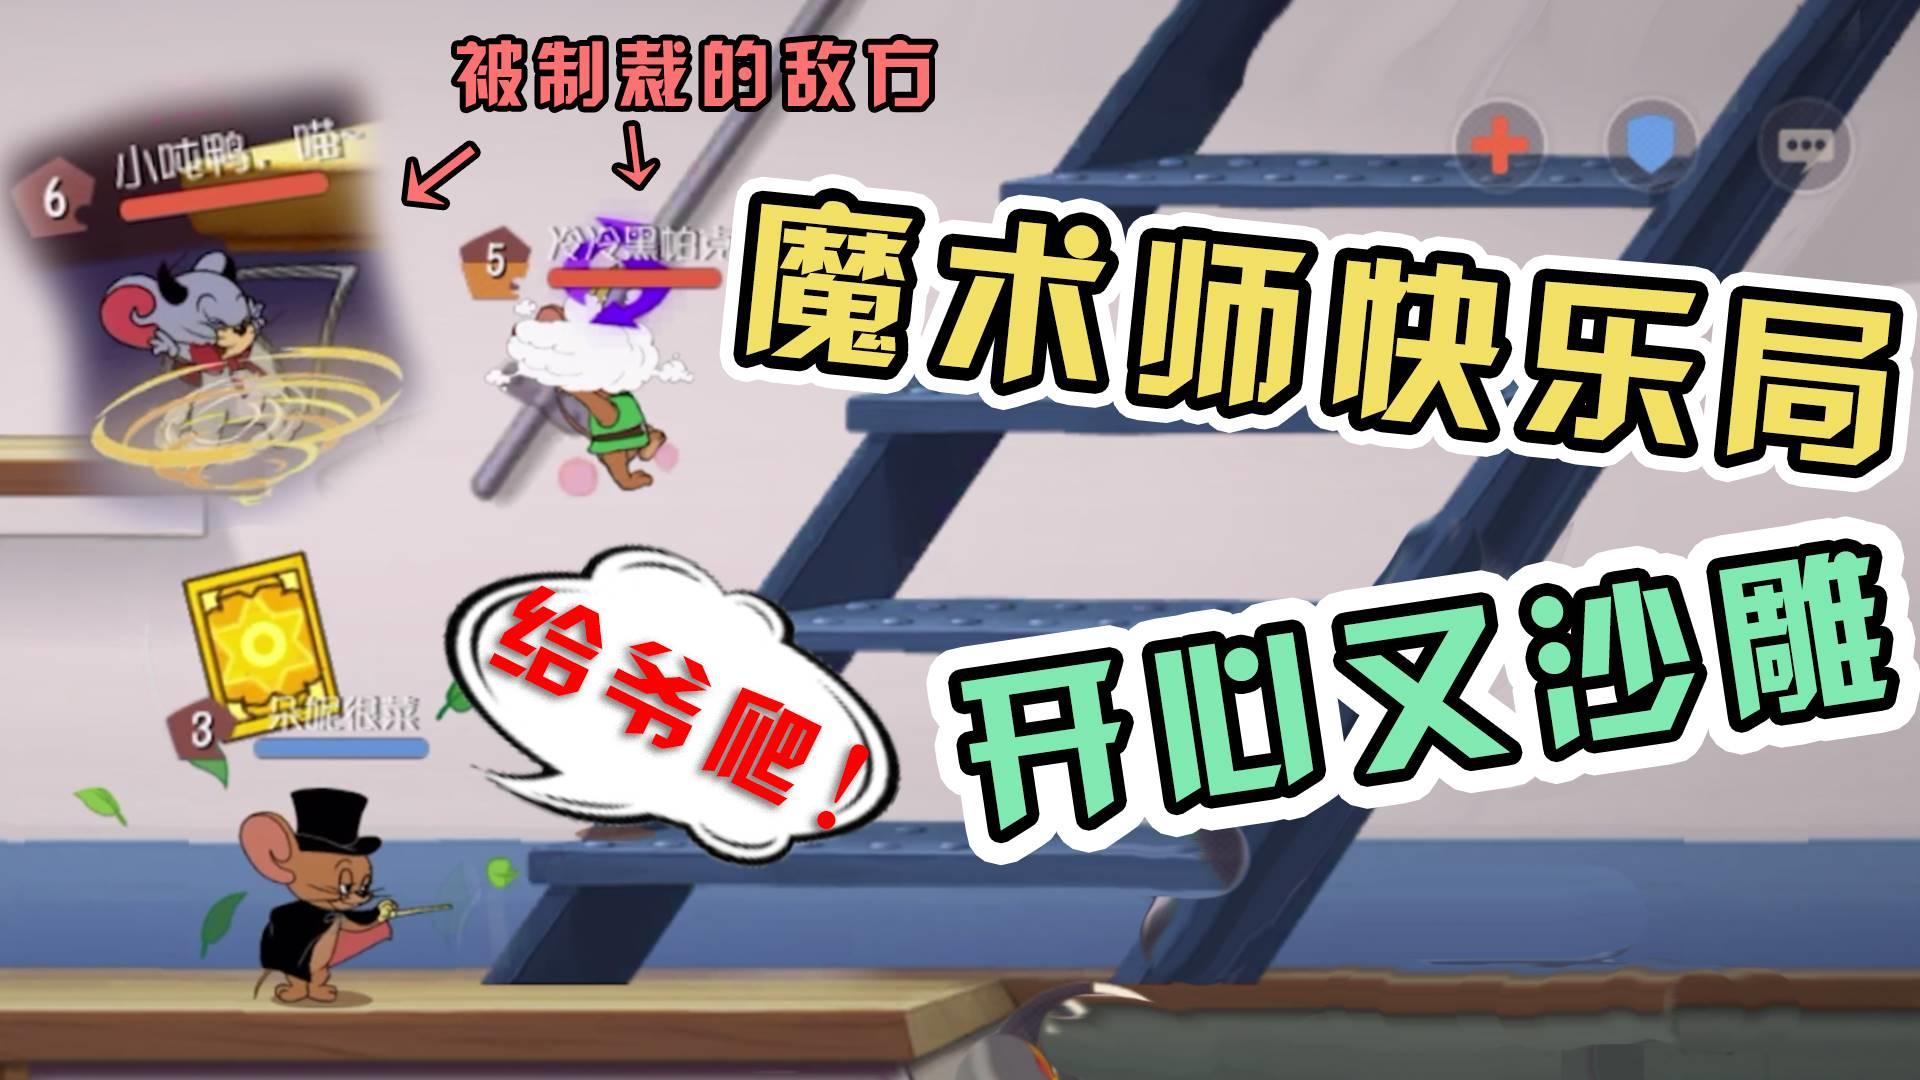 猫和老鼠手游:魔术师在奔跑团队赛斗地主?二表哥带你搞出新花样